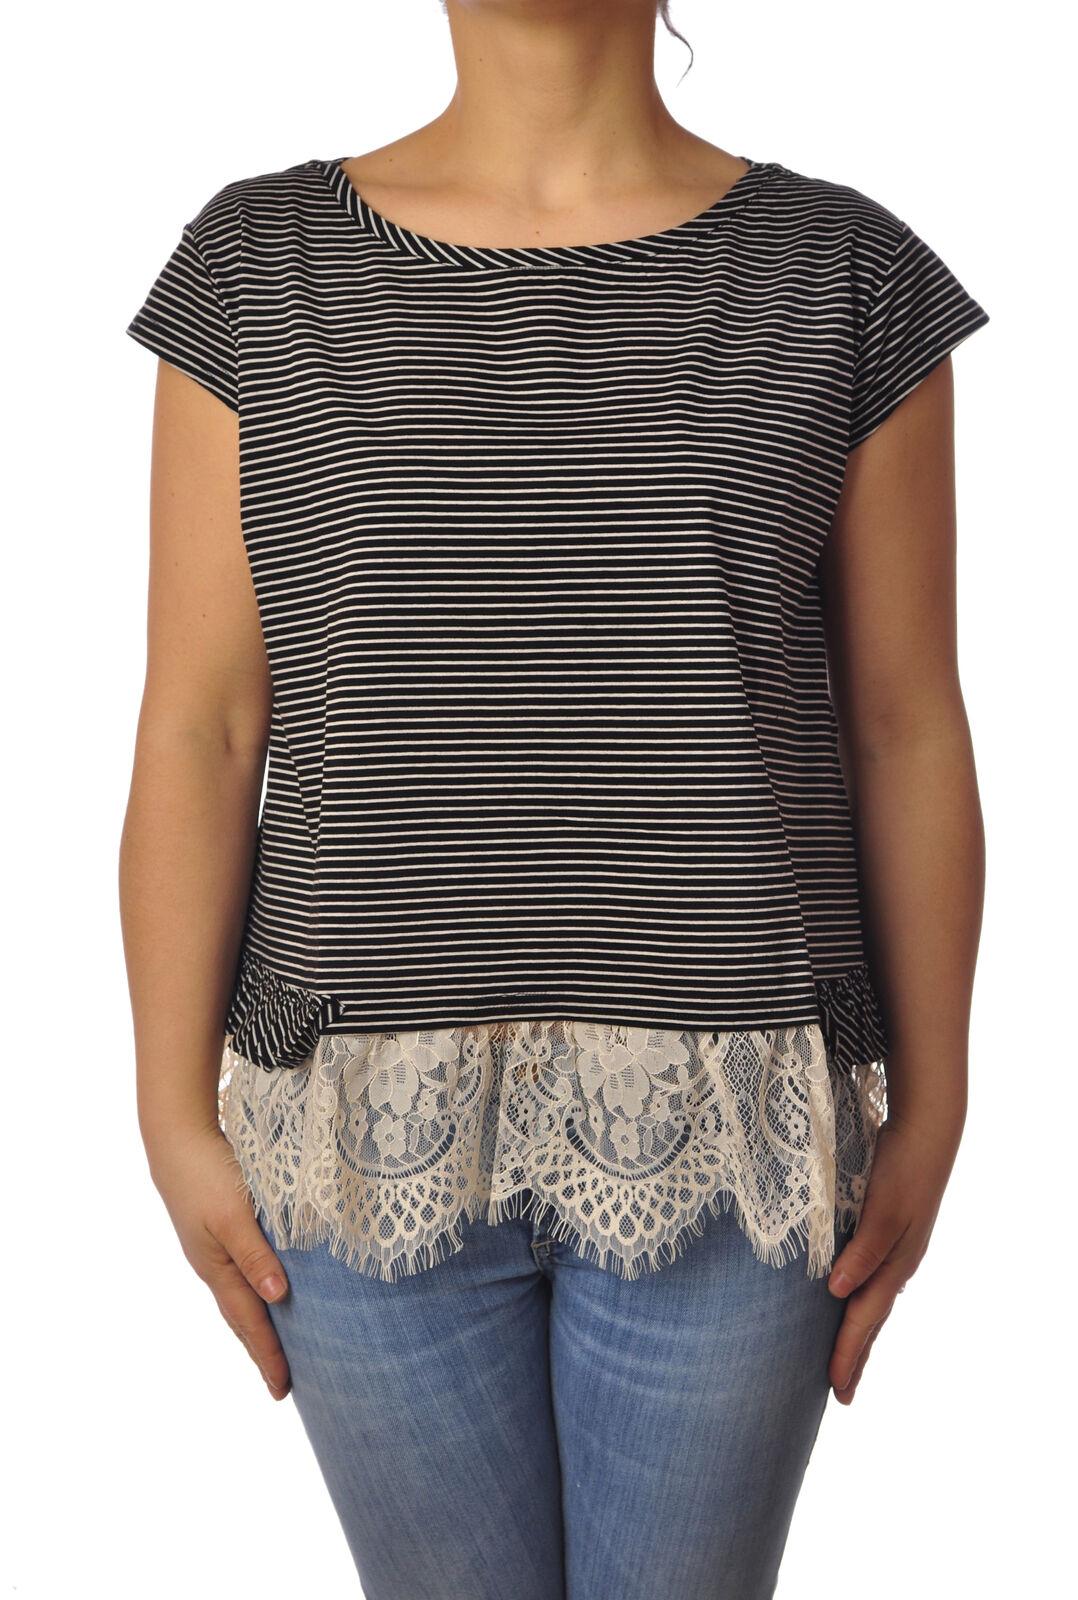 Twin Set - Knitwear-Sweaters - Woman - Fantasy - 4965910H184457